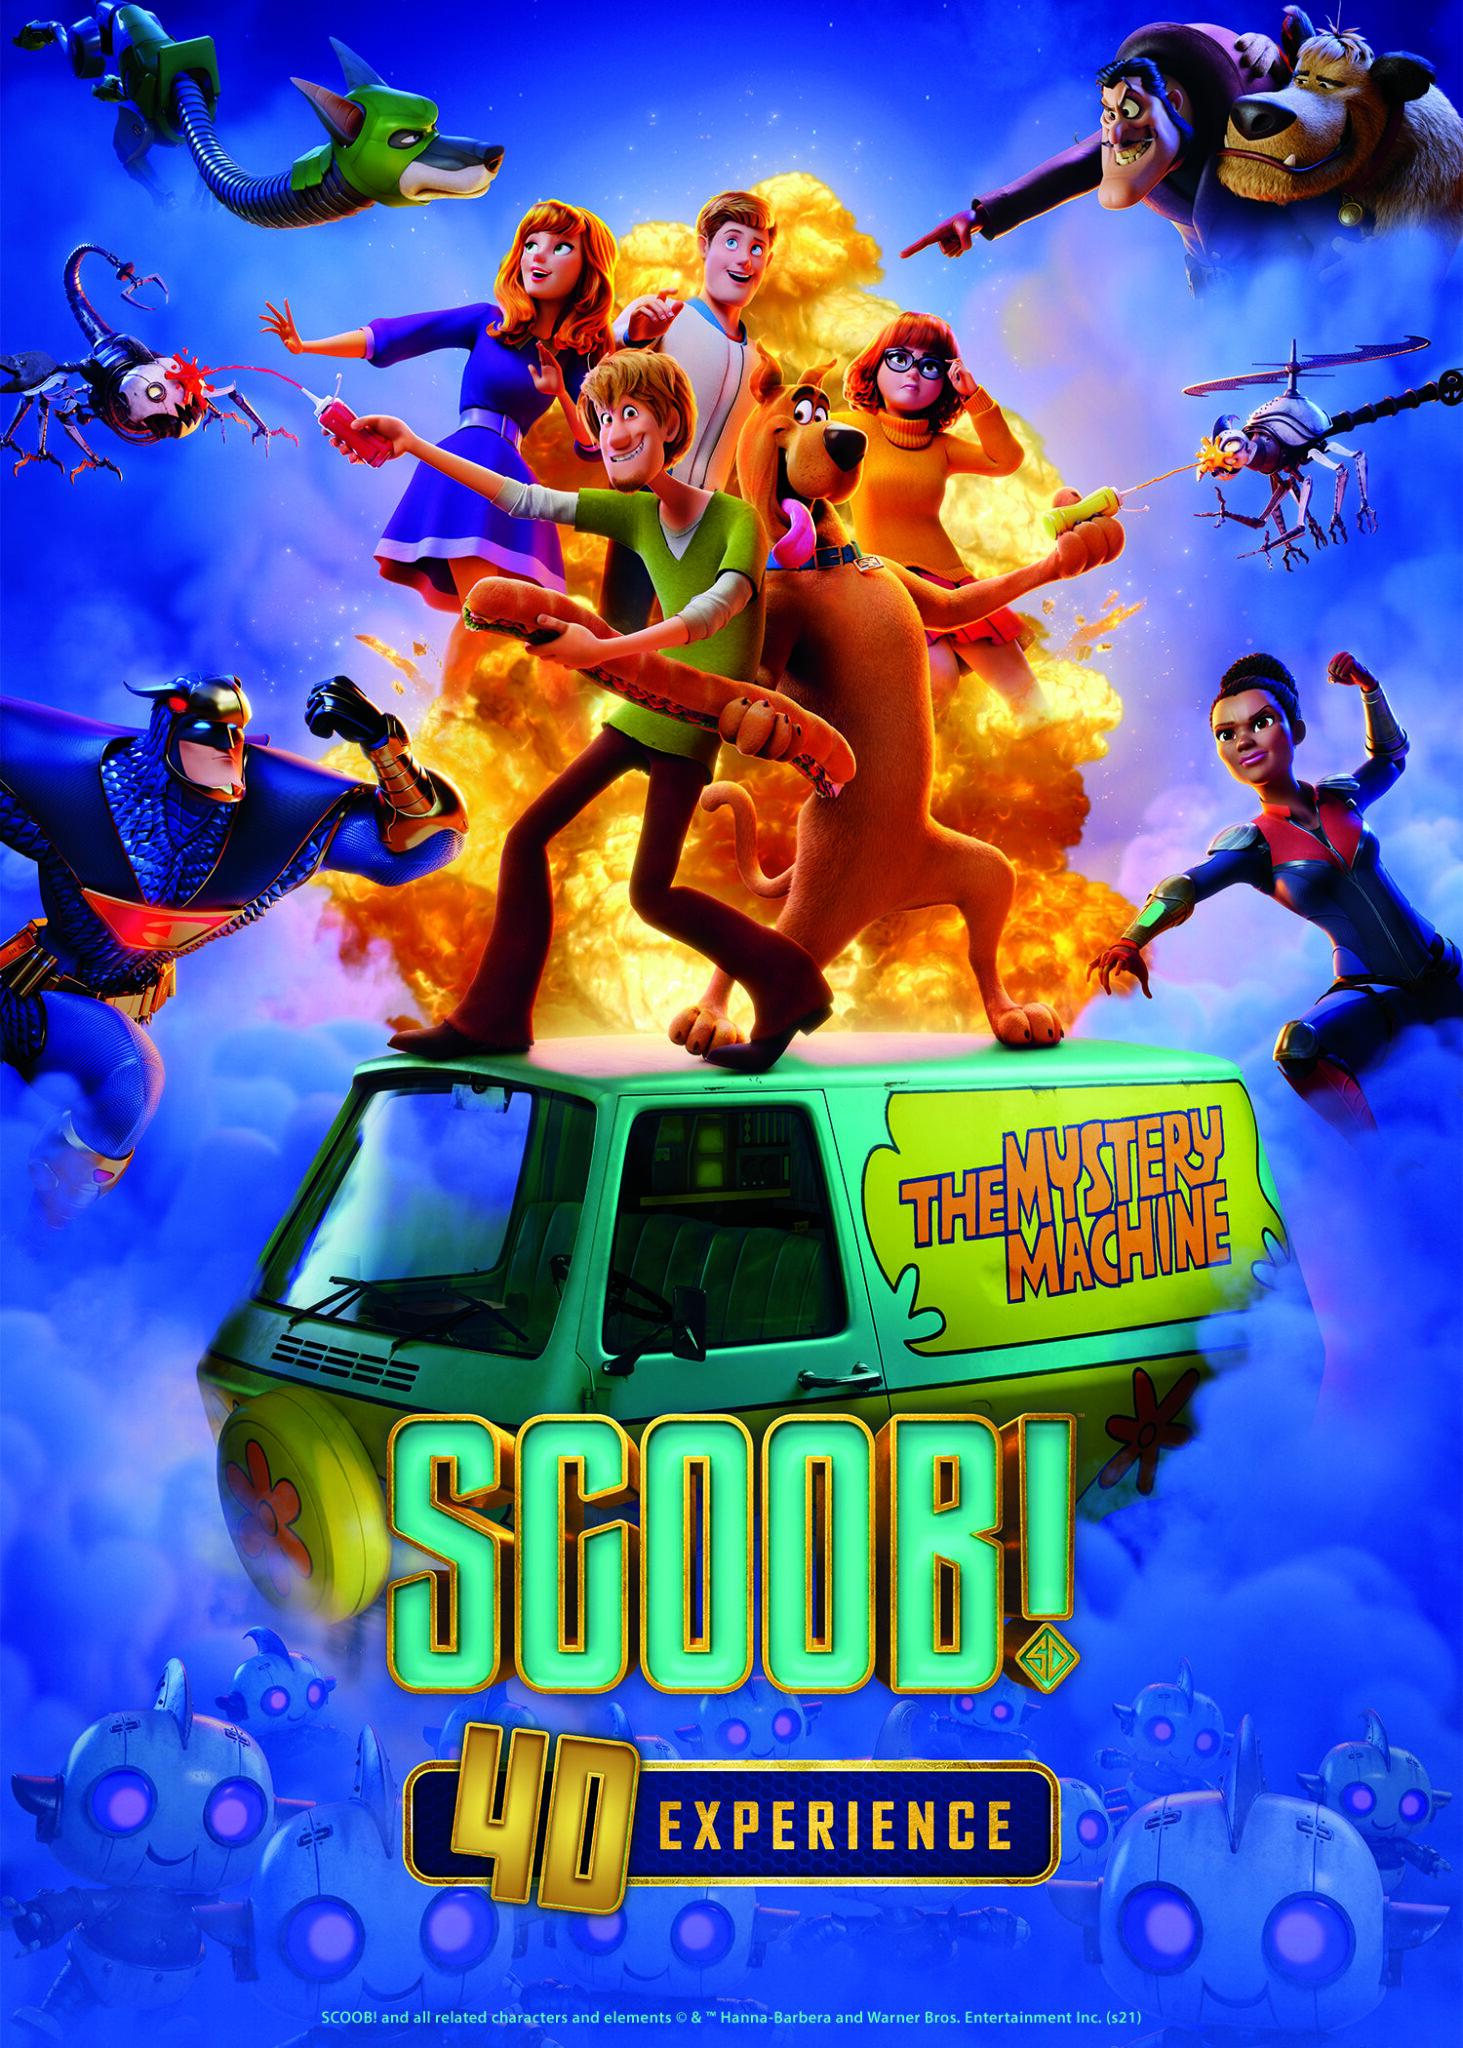 Scoob! 4D